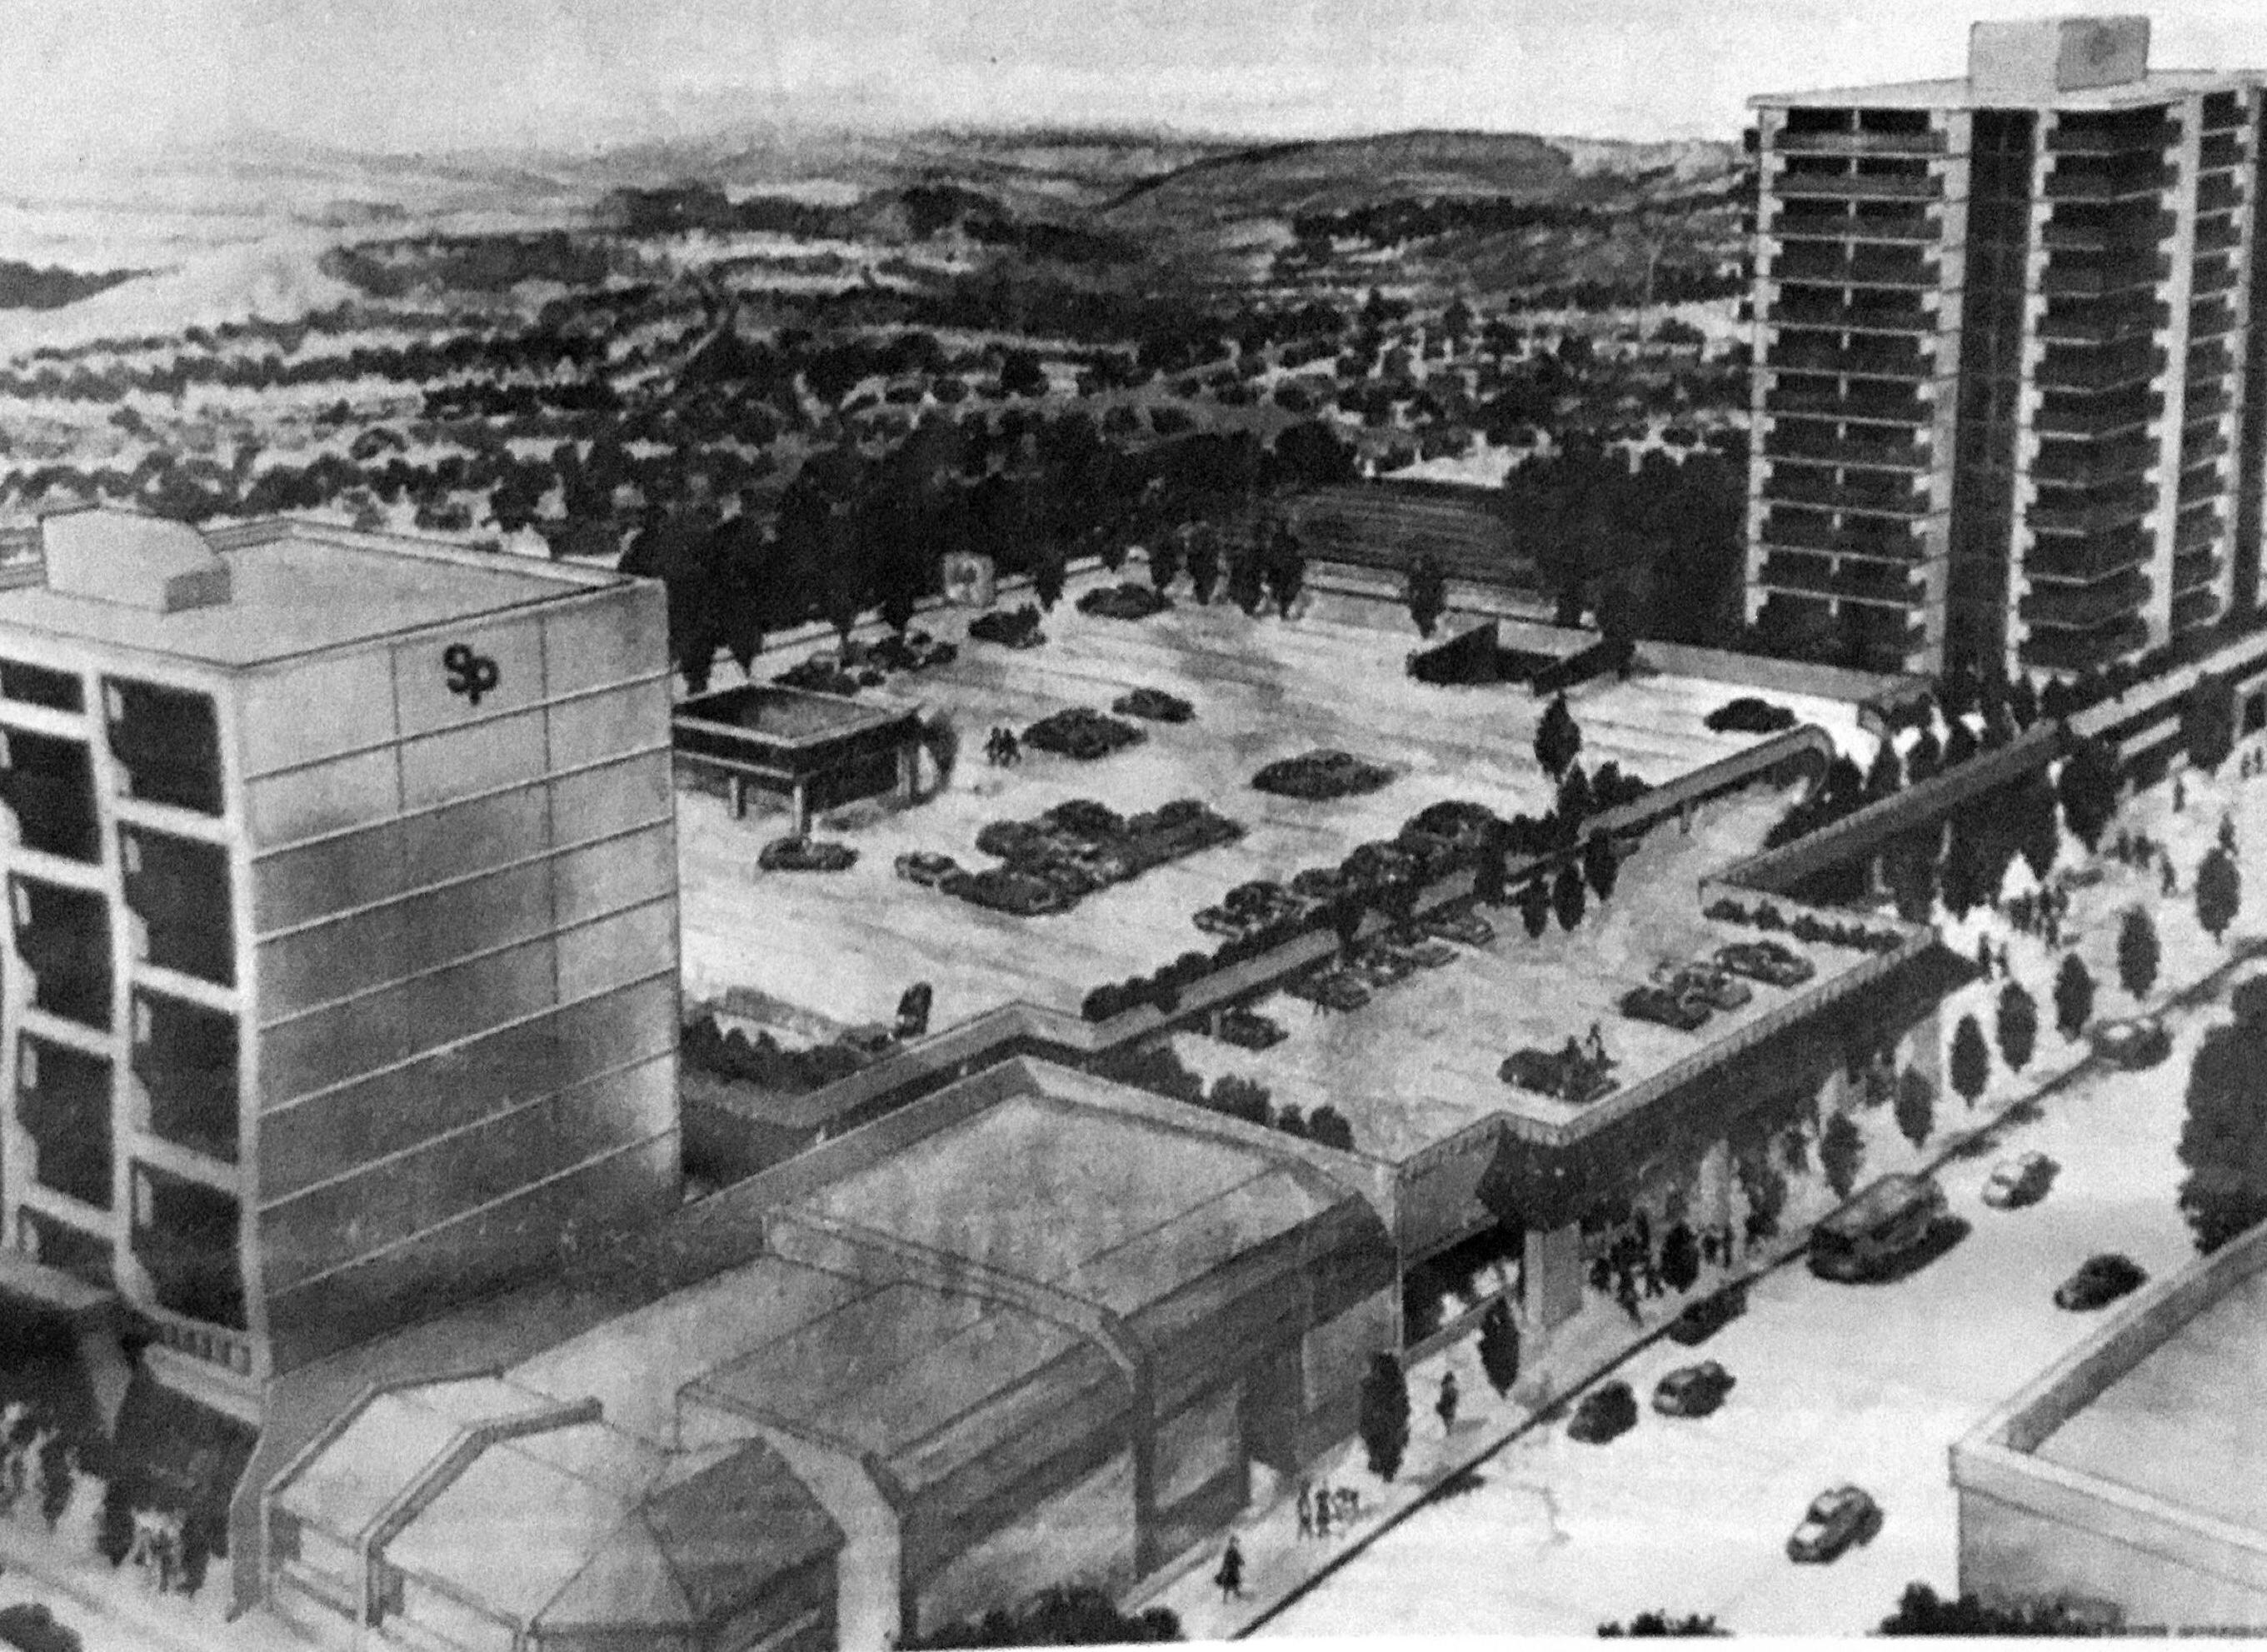 Strathfield Plaza 1981